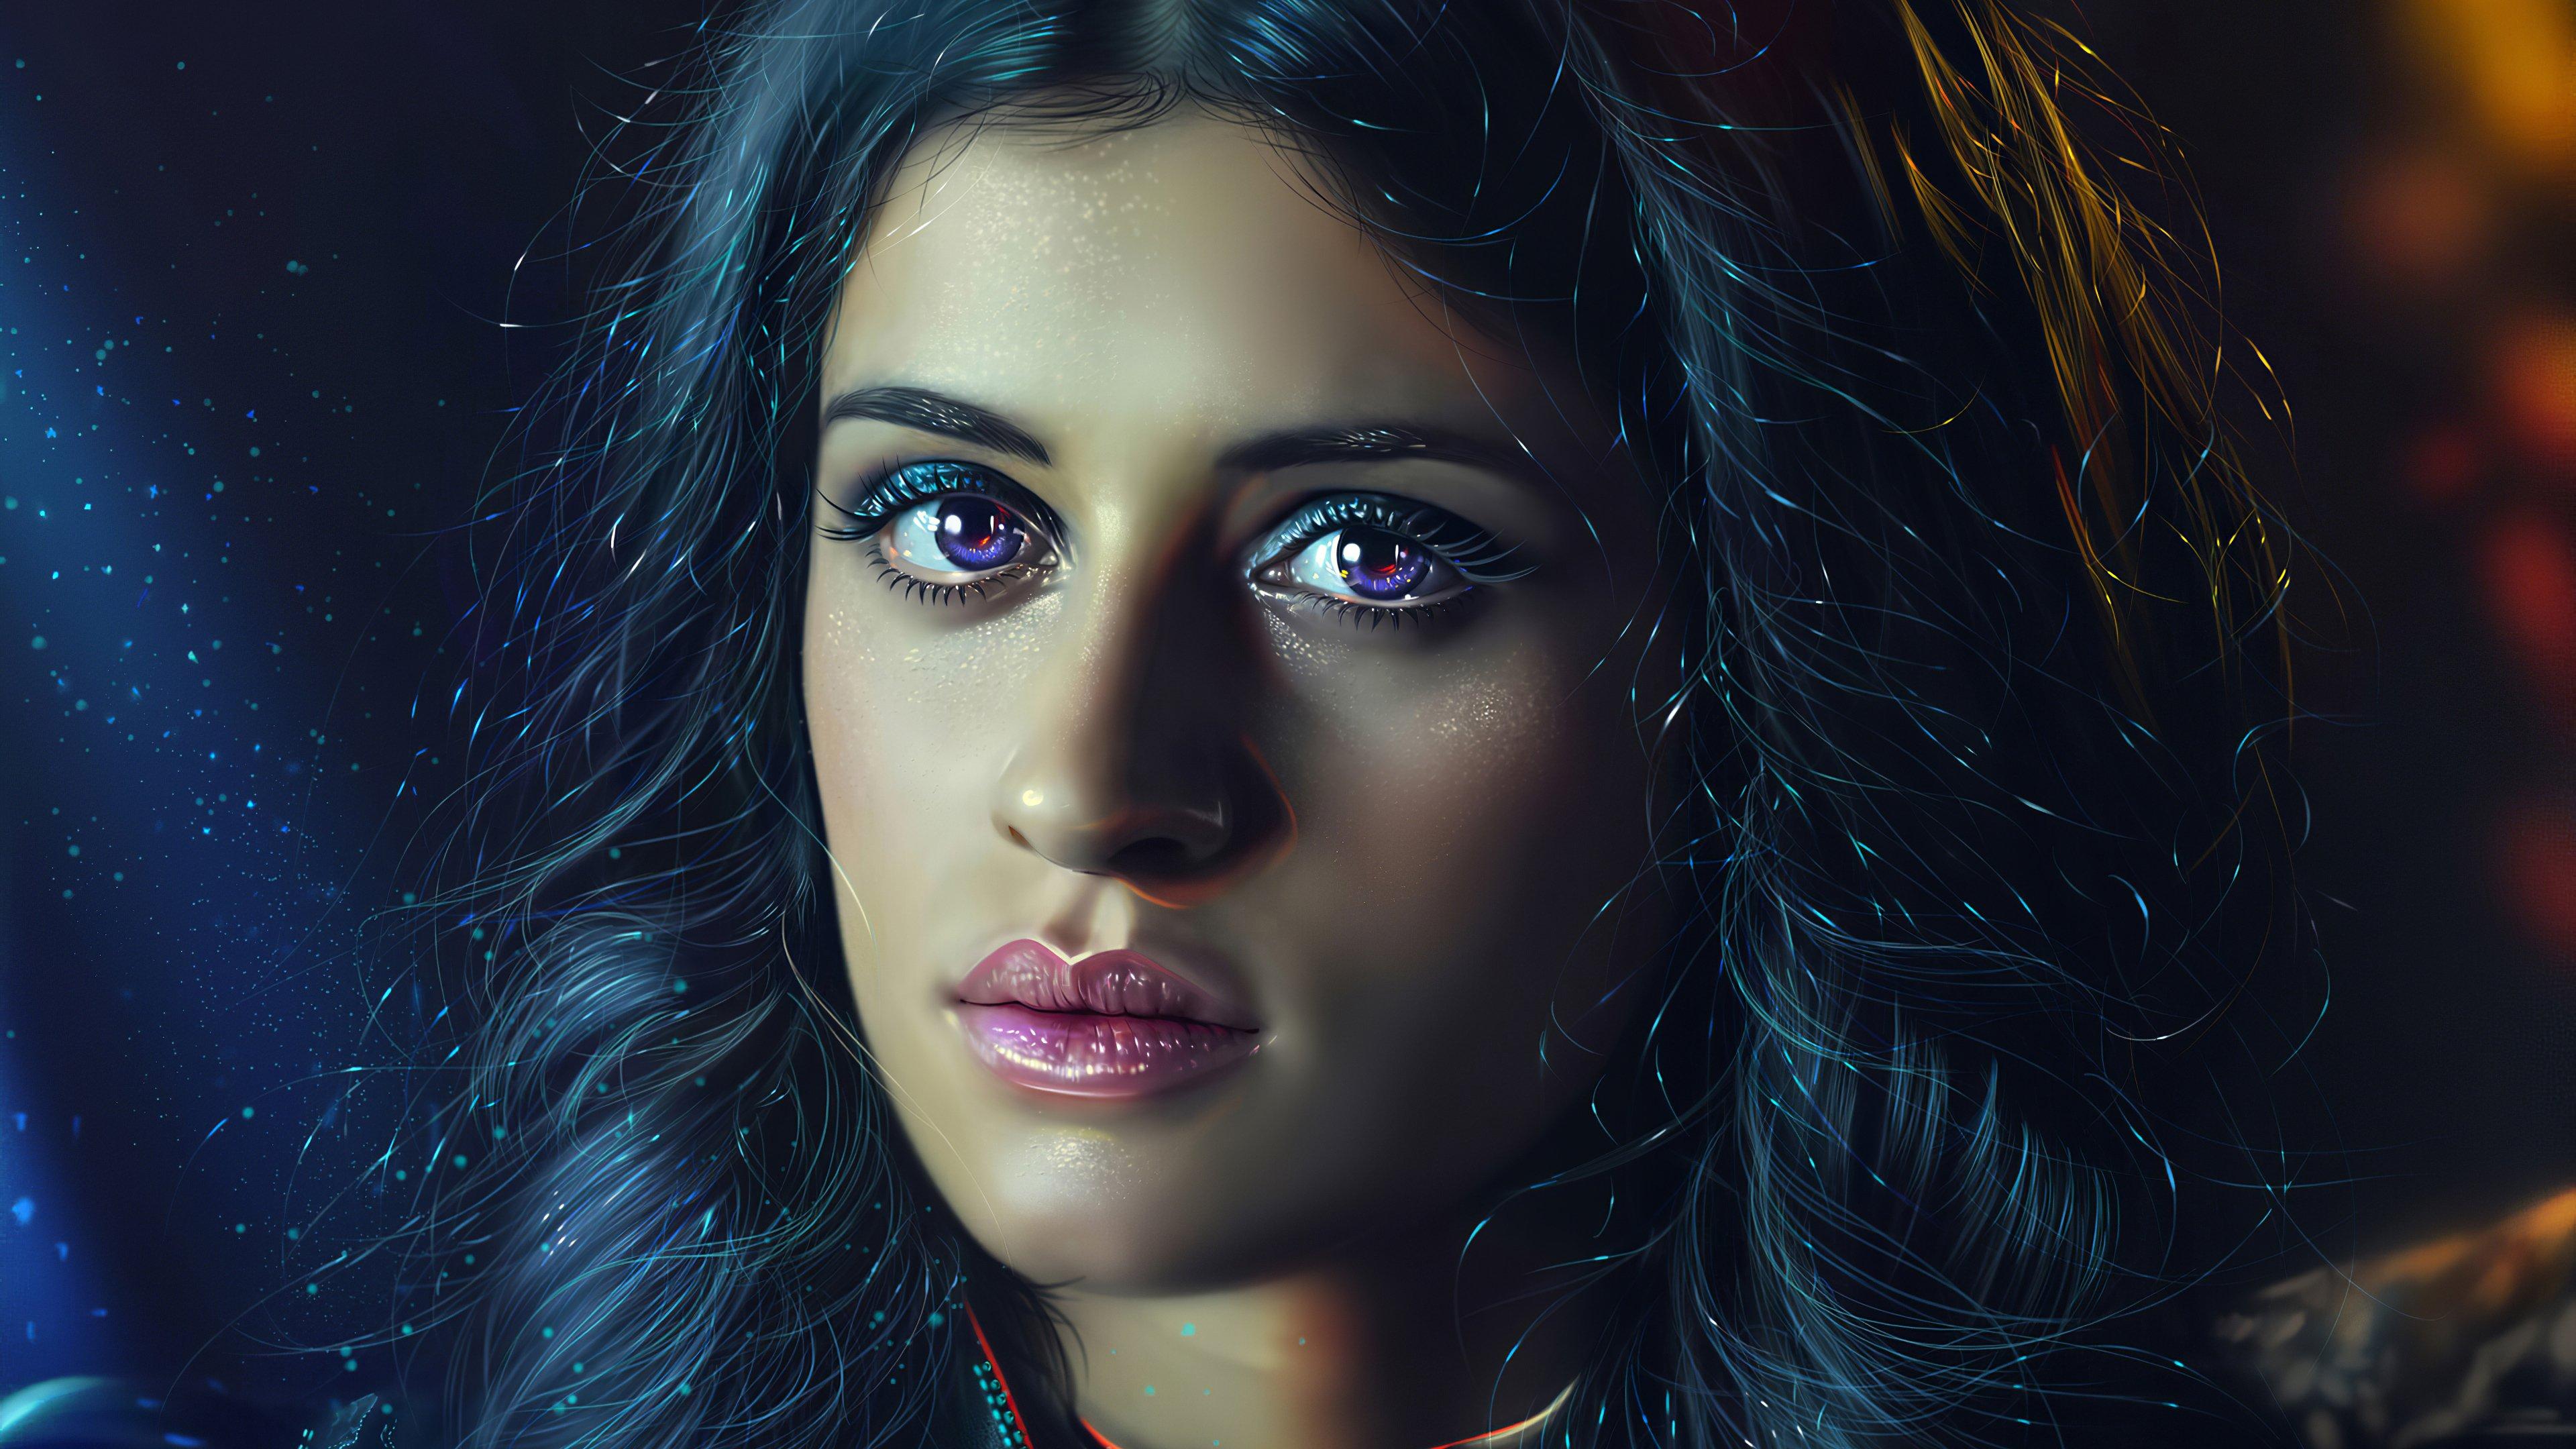 Fondos de pantalla Anya Chalotra como Yennefer en The witcher